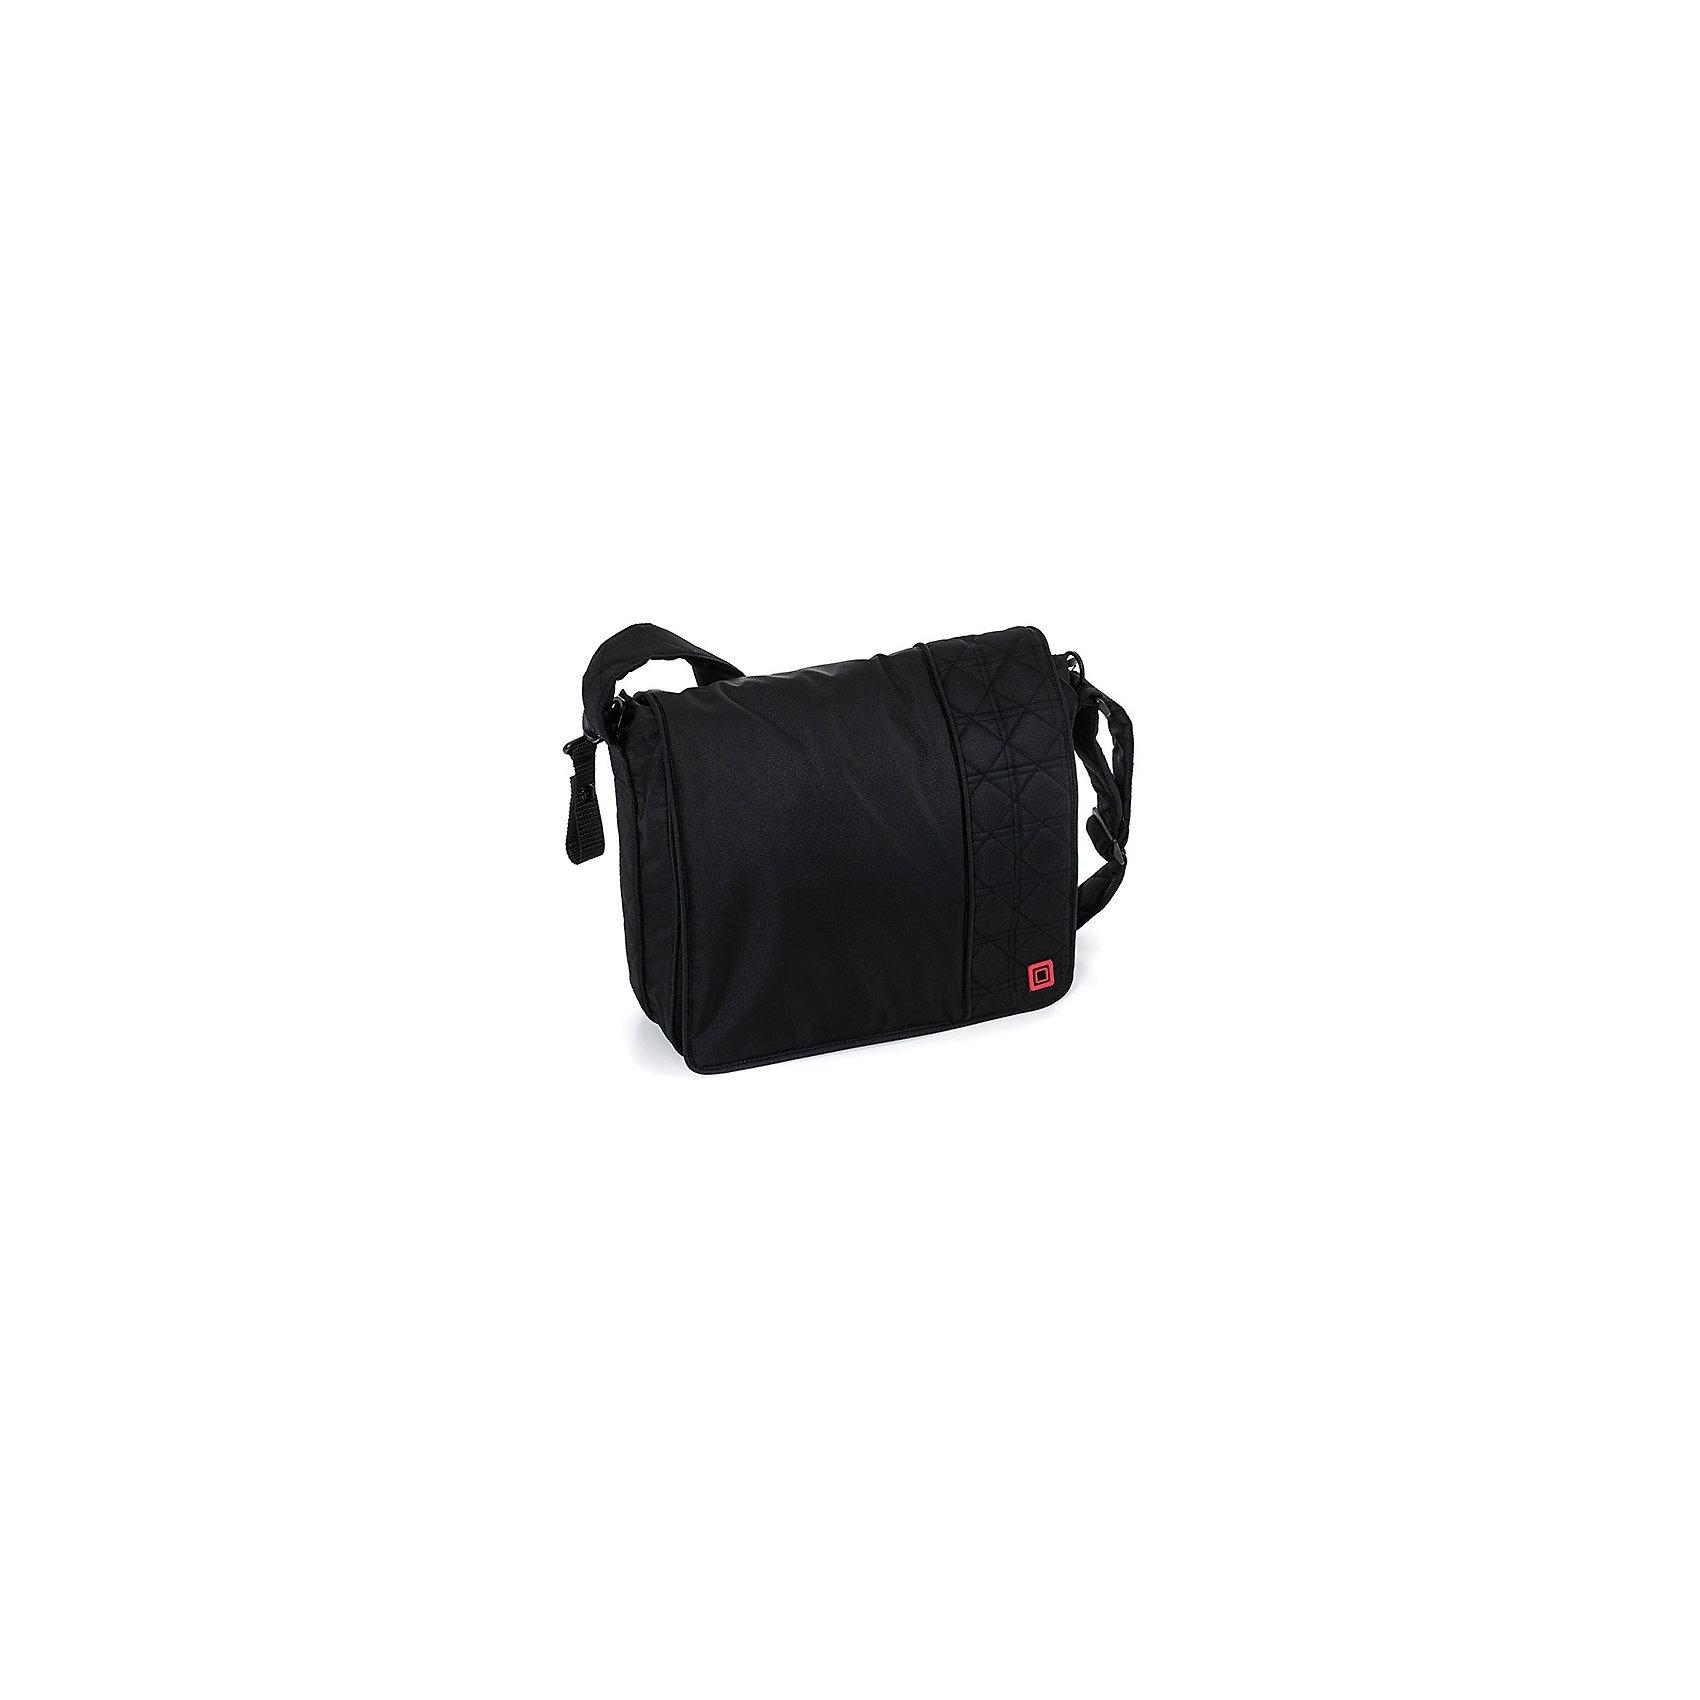 Сумка на коляску, Moon, SportАксессуары для колясок<br>Характеристики:<br><br>• подходит к любой коляске – универсальное крепление;<br>• сумка оснащена ручкой для переноски;<br>• магнитная застежка;<br>• 3 больших внутренних кармана, отделение для смены подгузников, 8 кармашков на сетке для мелочей, кошелек;<br>• в комплекте пеленальный матрасик.<br><br>Размер сумки: 45х35х10 см<br>Вес: 350 г<br><br>Сумку на коляску, Moon, Bag Sport можно купить в нашем интернет-магазине.<br><br>Ширина мм: 450<br>Глубина мм: 350<br>Высота мм: 100<br>Вес г: 350<br>Возраст от месяцев: 0<br>Возраст до месяцев: 36<br>Пол: Унисекс<br>Возраст: Детский<br>SKU: 5485135